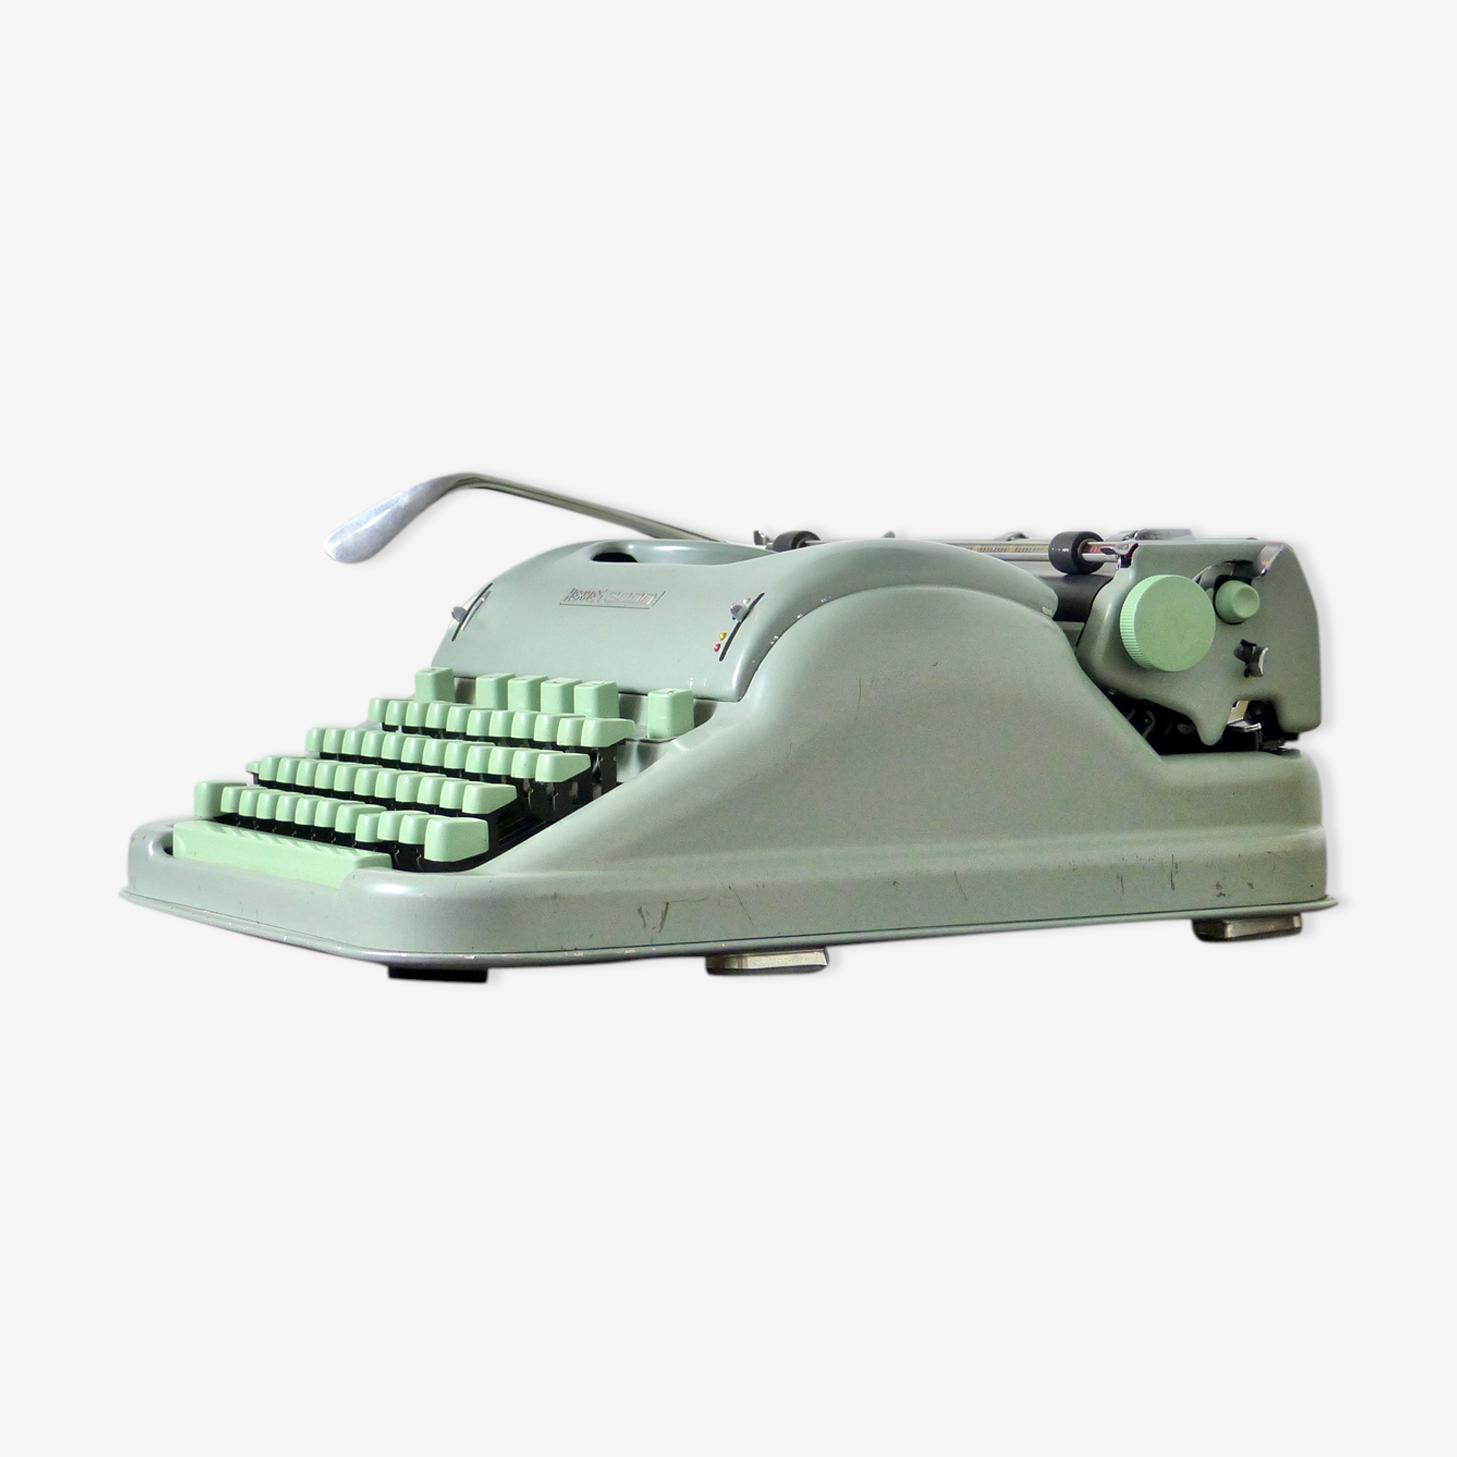 Machine à écrire Hermes 3000 vert menthe en métal